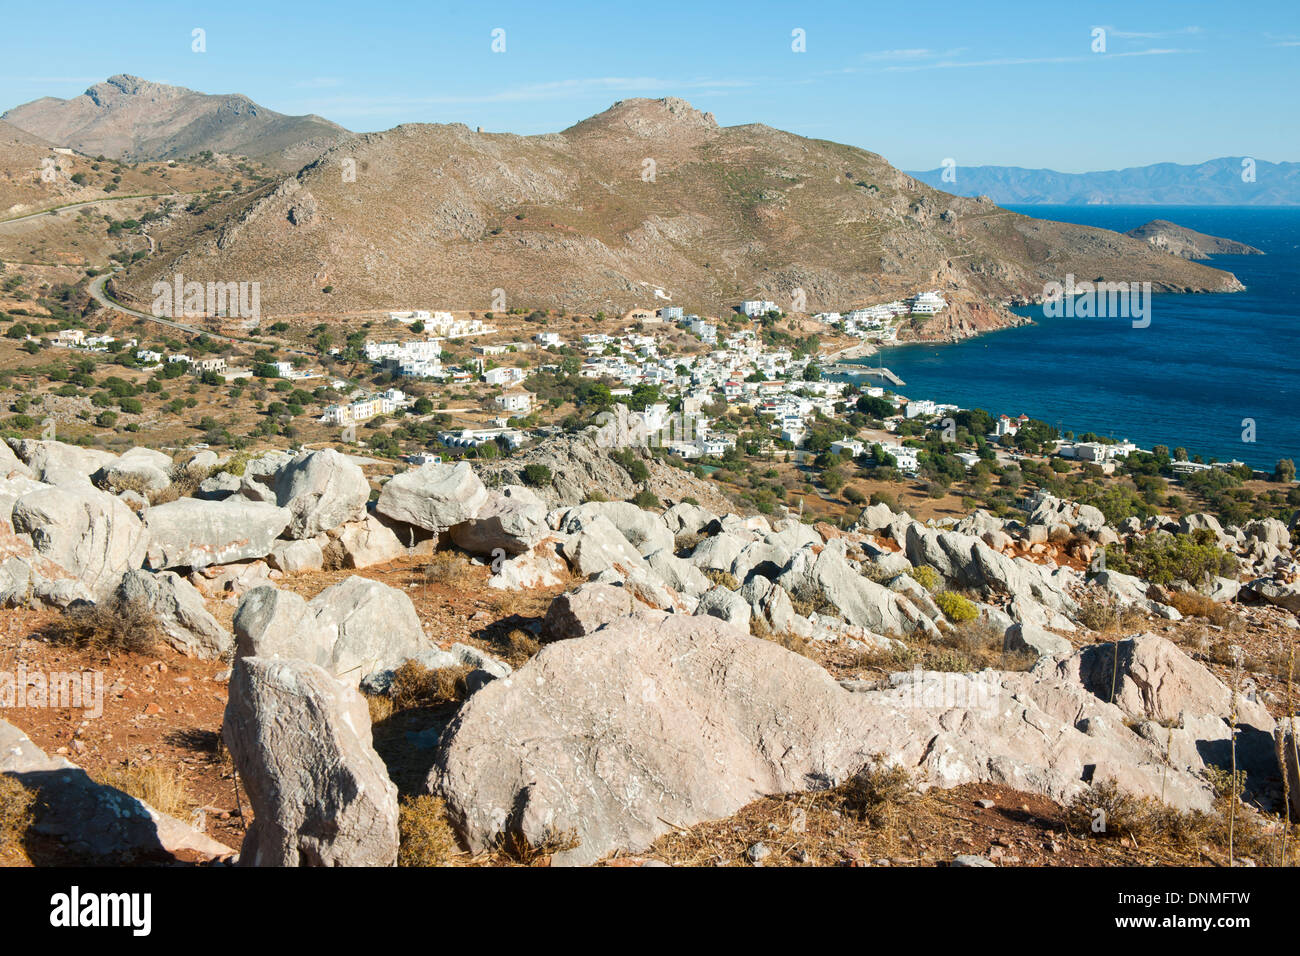 Griechenland, Insel Tilos, Bucht von Livadia - Stock Image